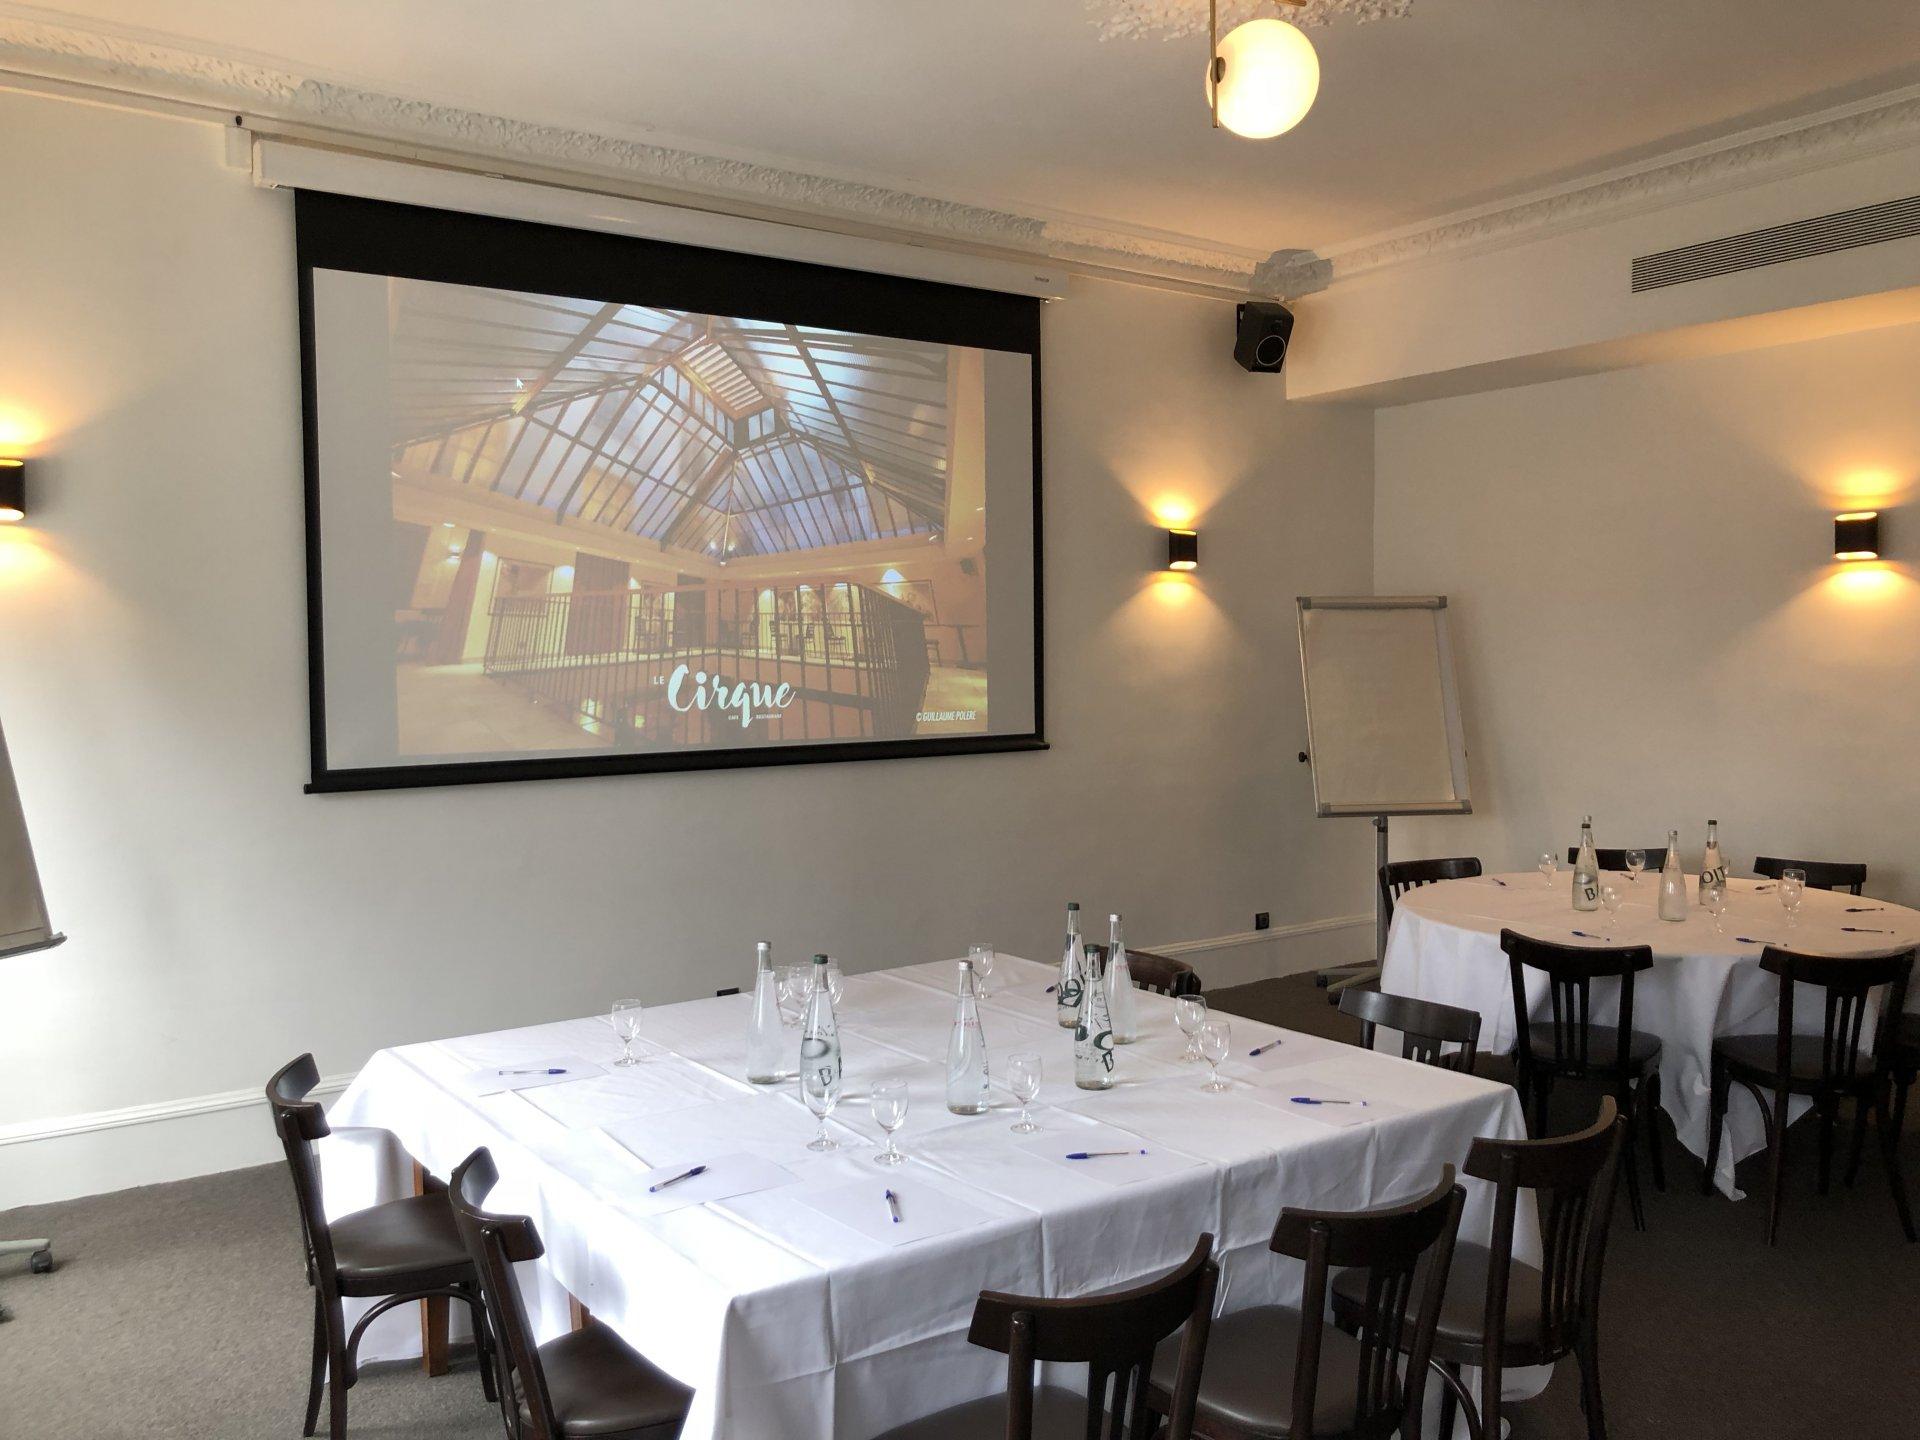 Repas entreprise dans un h�tel particulier ambiance feutr�e au d�cor inspir� du Cirque contemporain restaurant groupe Paris 4